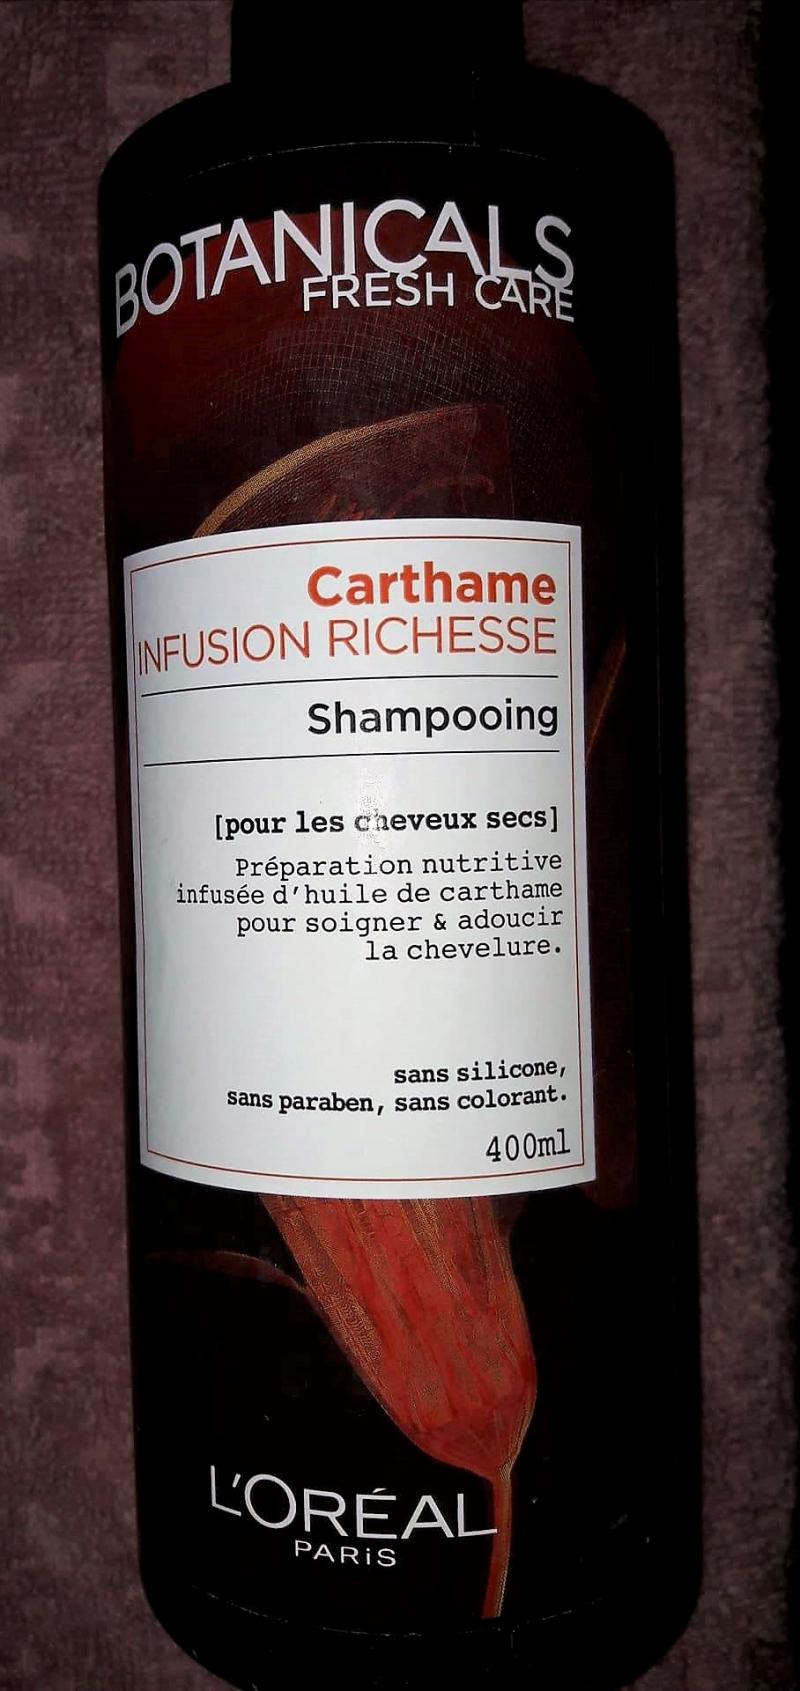 Swatch Botanicals Fresh Care, L'Oréal Paris